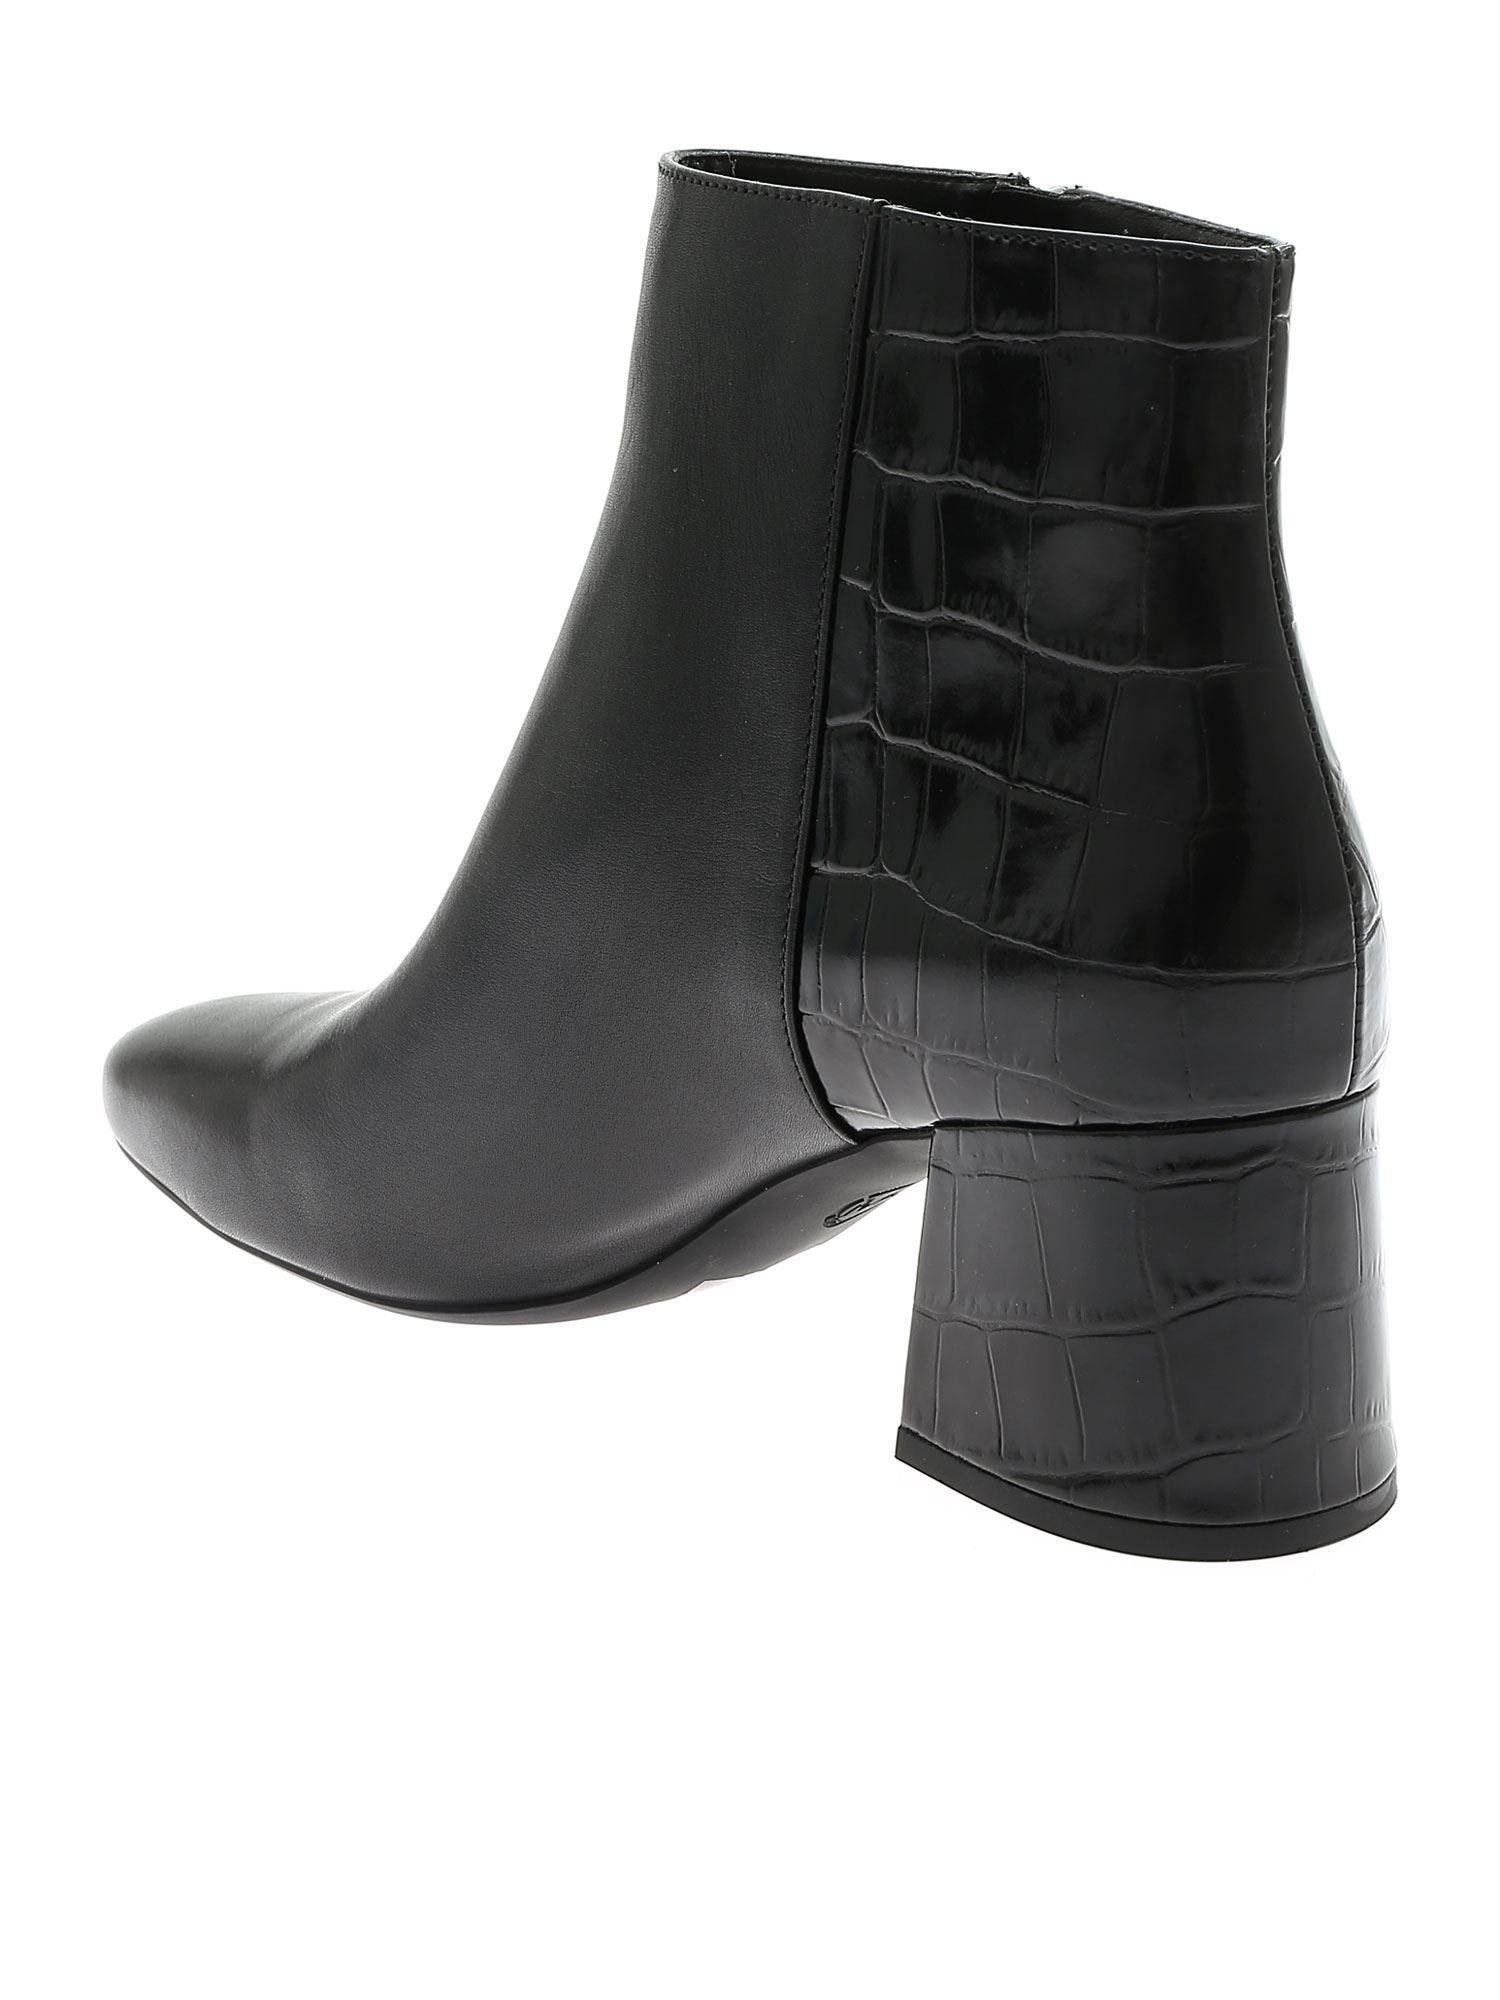 MICHAEL KORS WOMEN'S 40F9ALME8L001 BLACK LEATHER ANKLE BOOTS